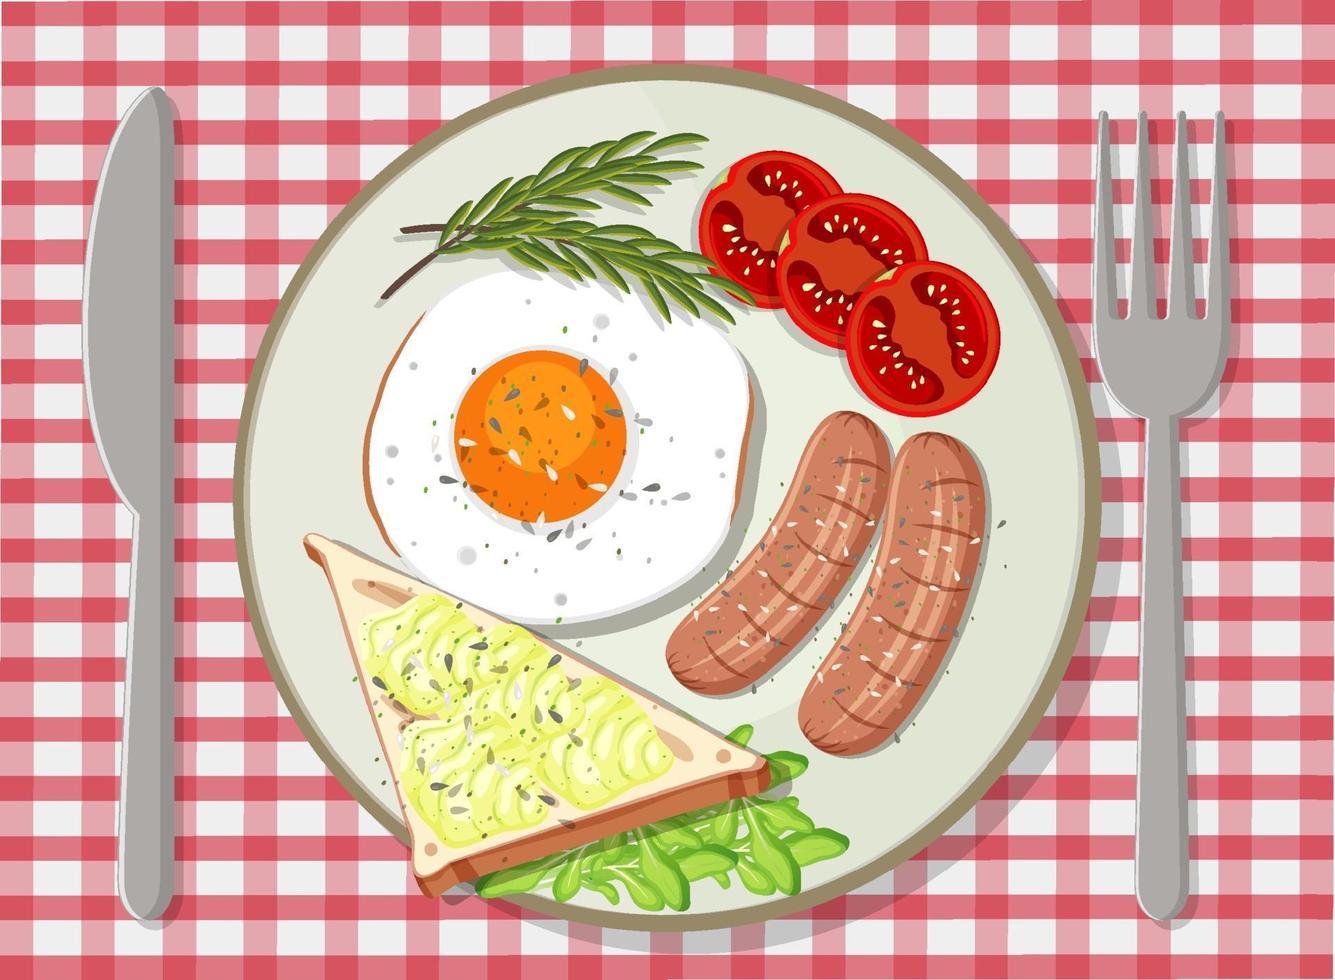 petit-déjeuner dans une assiette vue de dessus vecteur